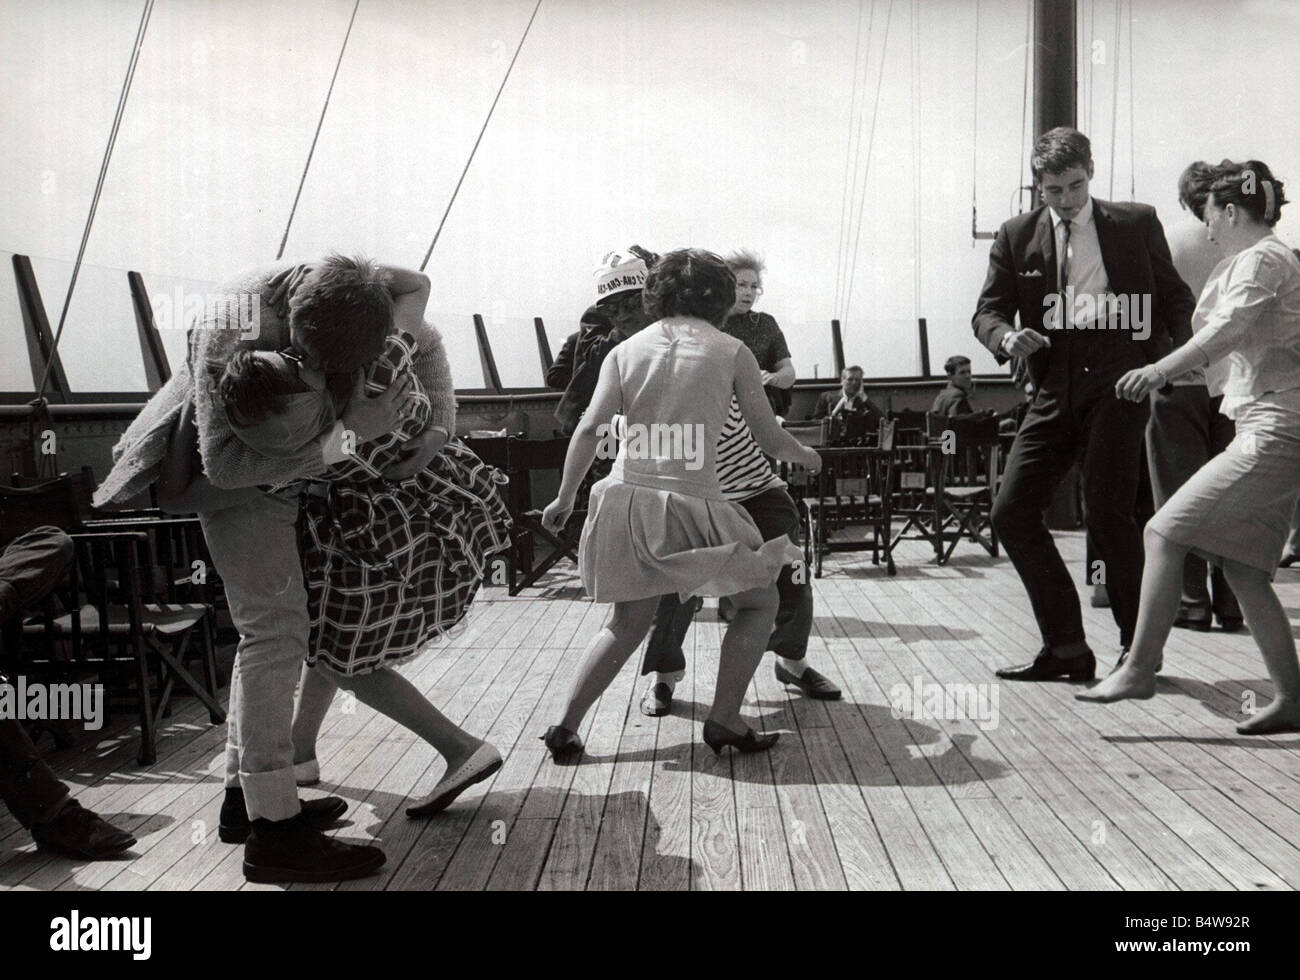 Boot Party Paare Tanz und Jive in True 60 s Stil Paar küssen tun die Wendung Spaß Humor ecard02 Stockbild